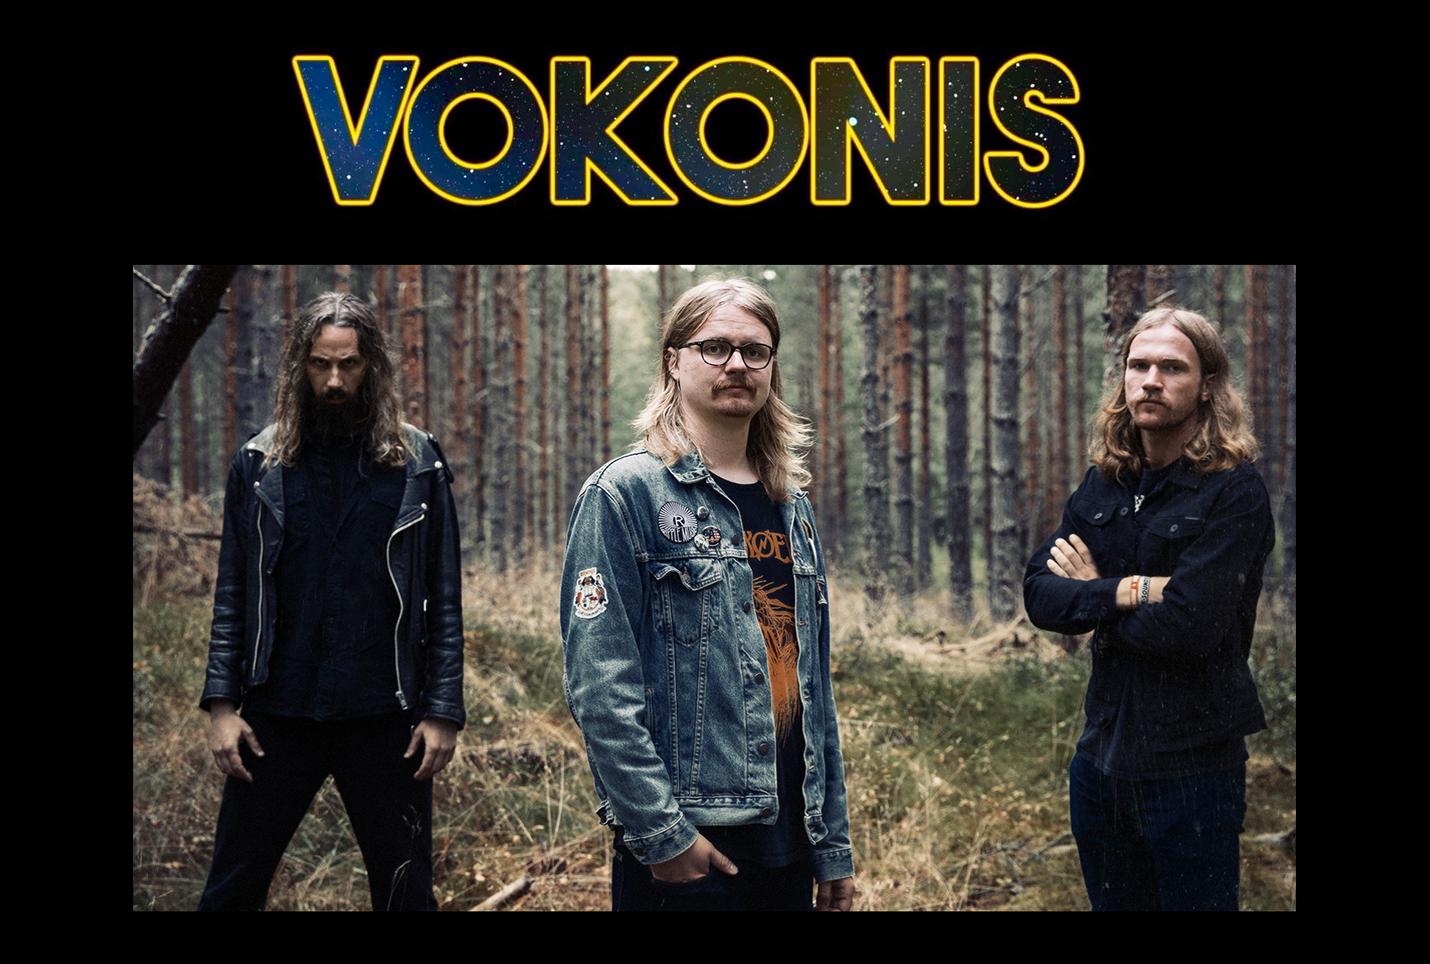 Vokonis